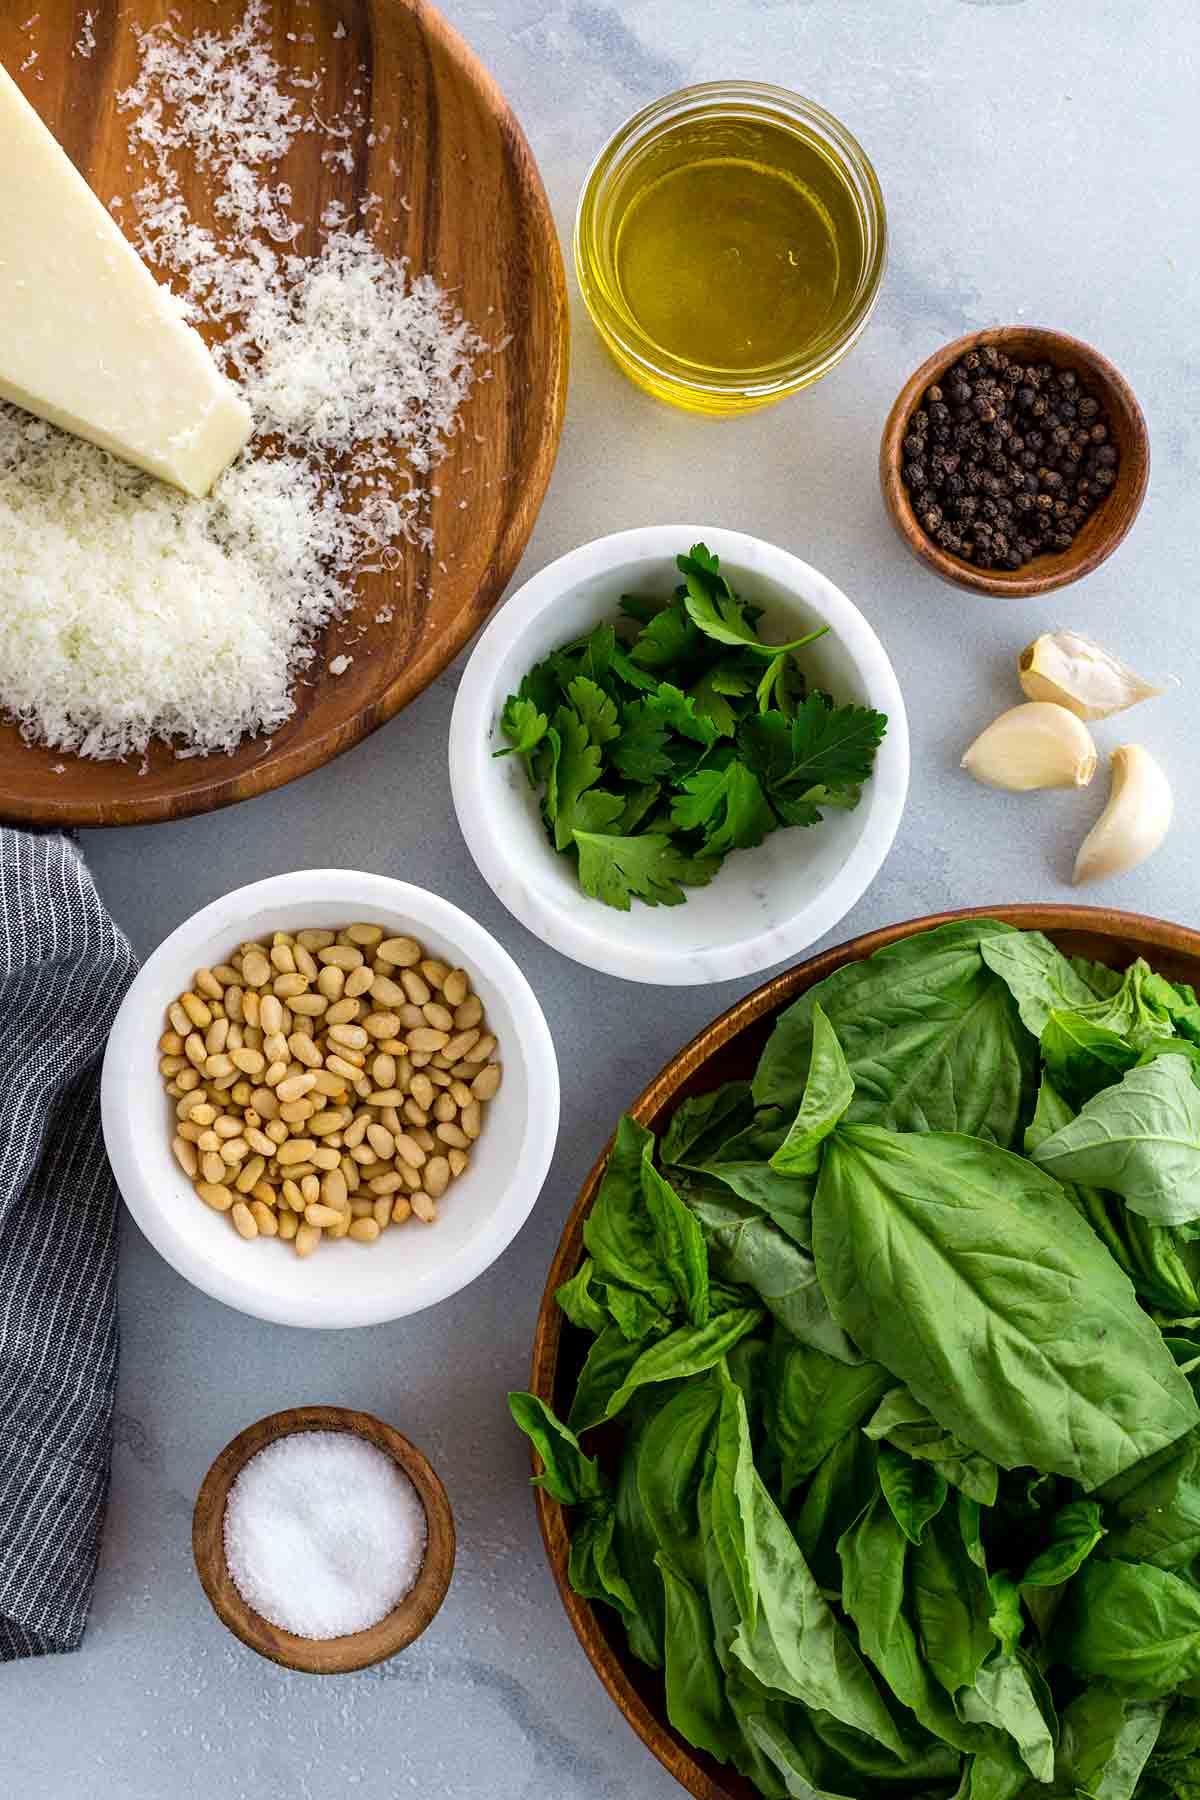 How To Make Pesto Sauce  How To Make Pesto Sauce Jessica Gavin